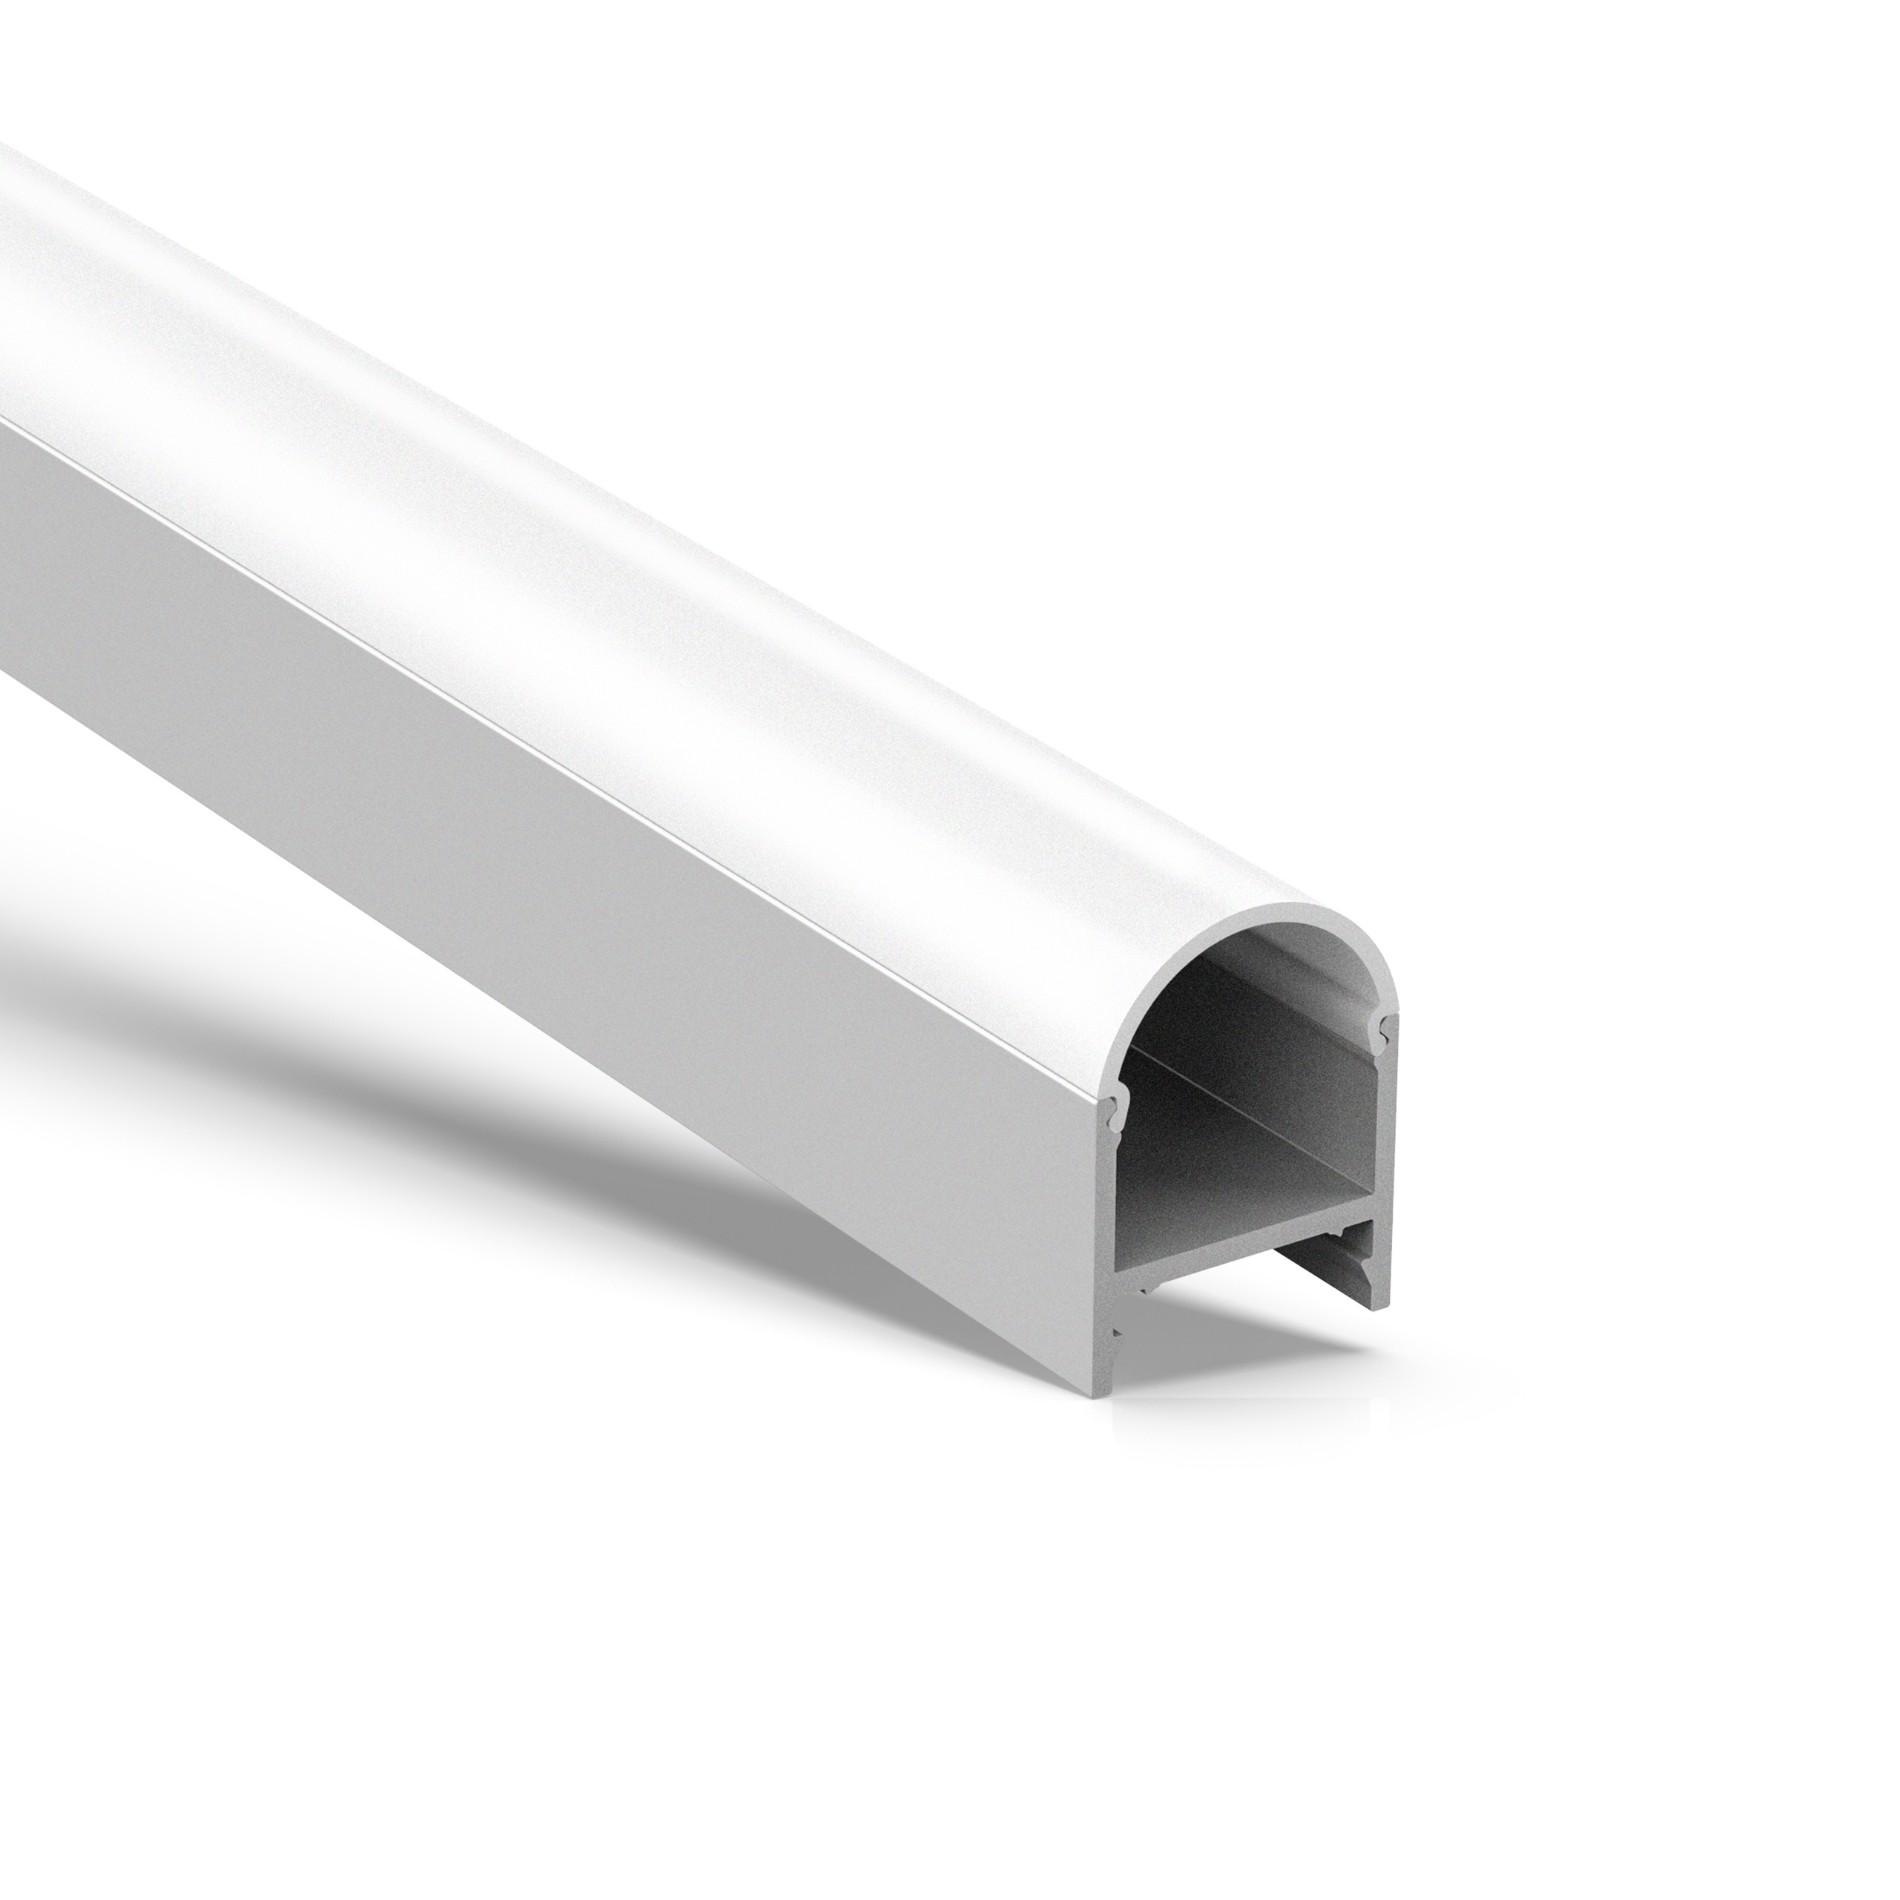 AT16-4 Perfil cuadrado cuadrado de superficie más profunda 19.5x26.2mm